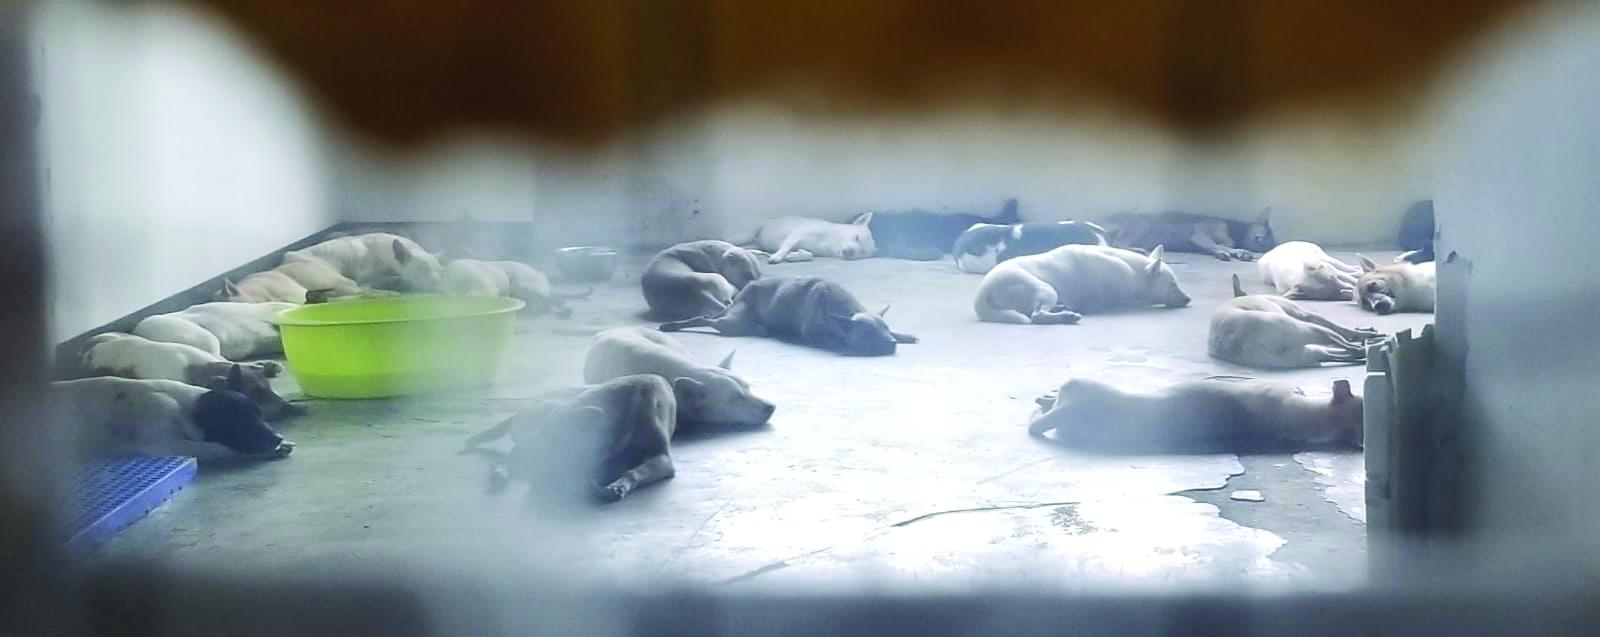 Cães acolhidos em edifício industrial levantam questões de saúde pública